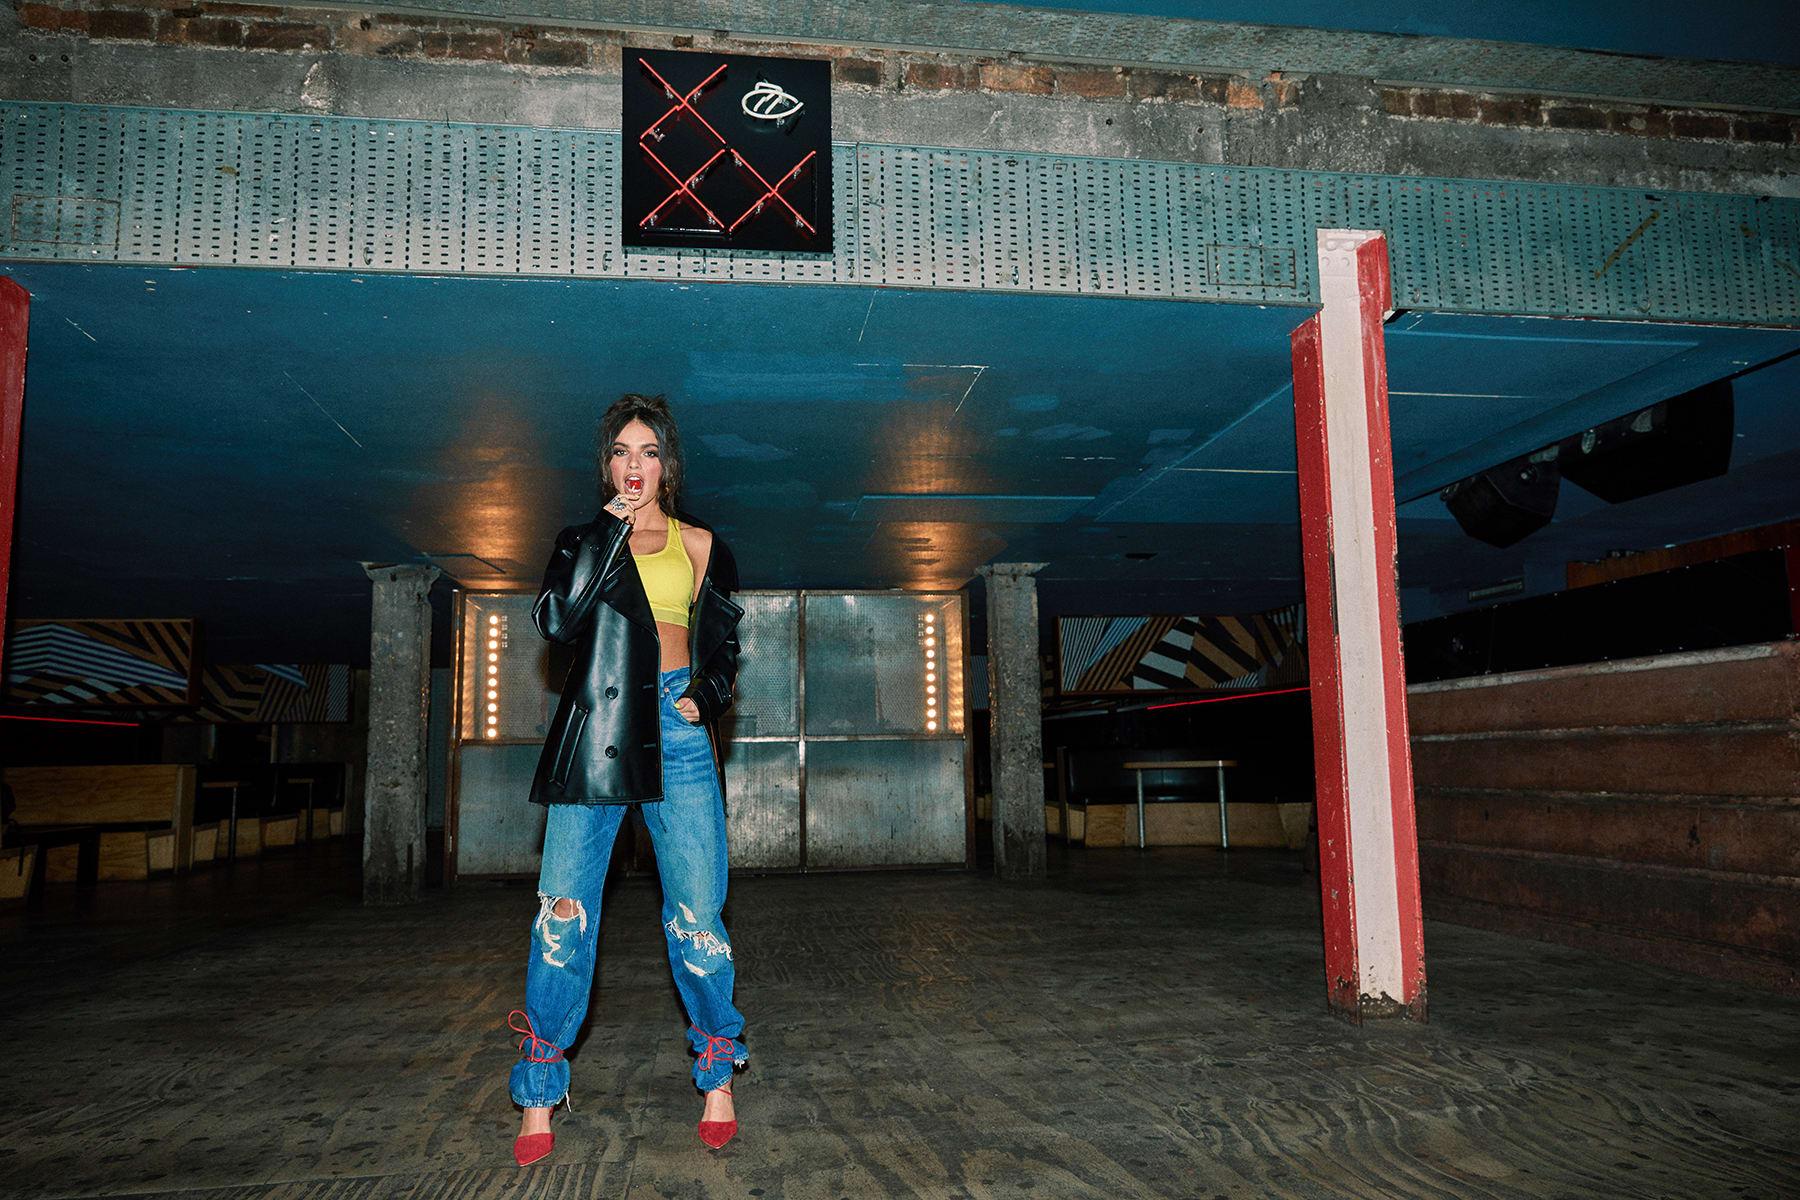 La La wears COMME DES GARCONS PVC Peacoat LEVI'S VINTAGE CLOTHING 1955 501 Jeans